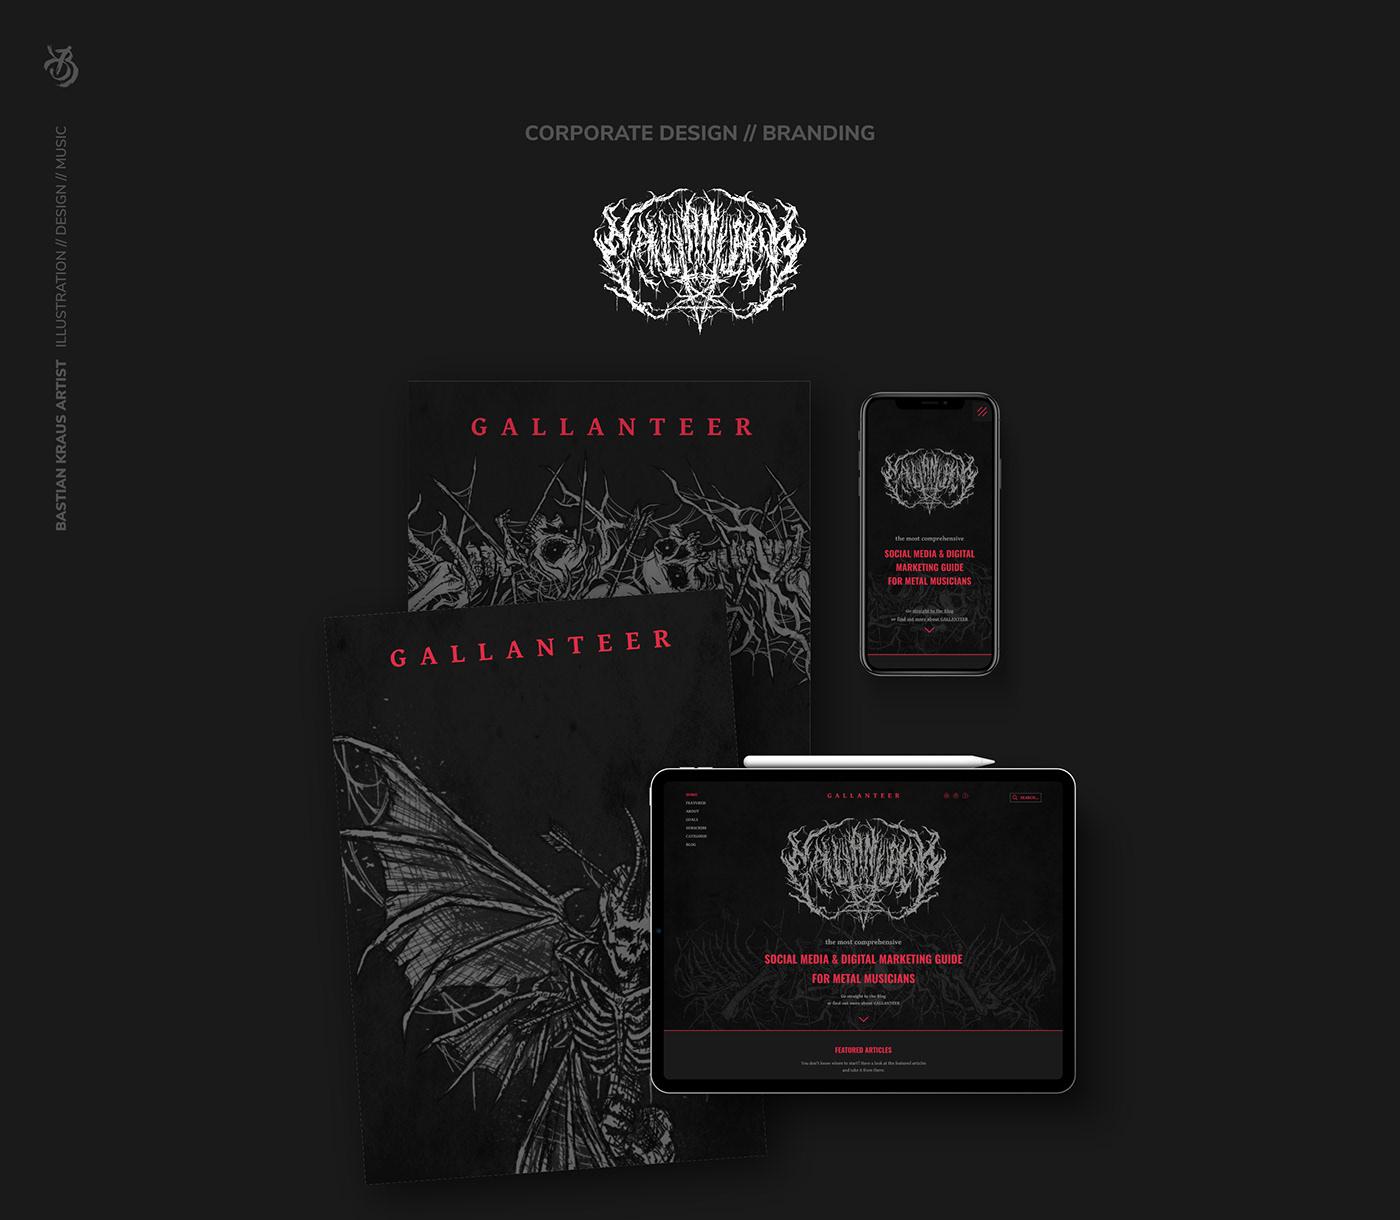 GALLANTEER // Overview